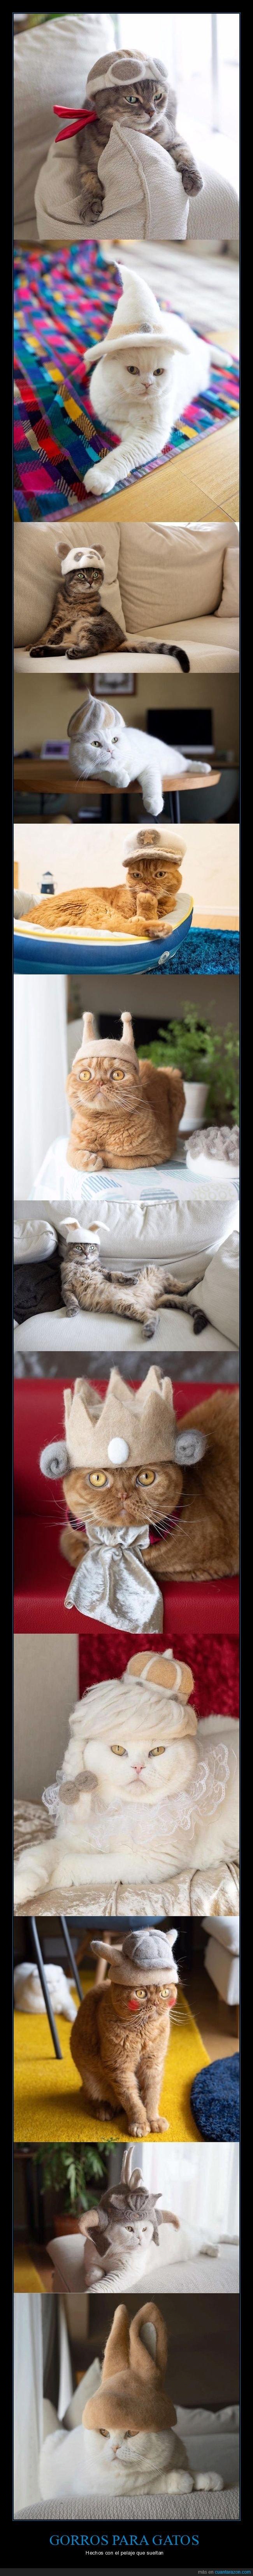 gatos,gorros,pelaje